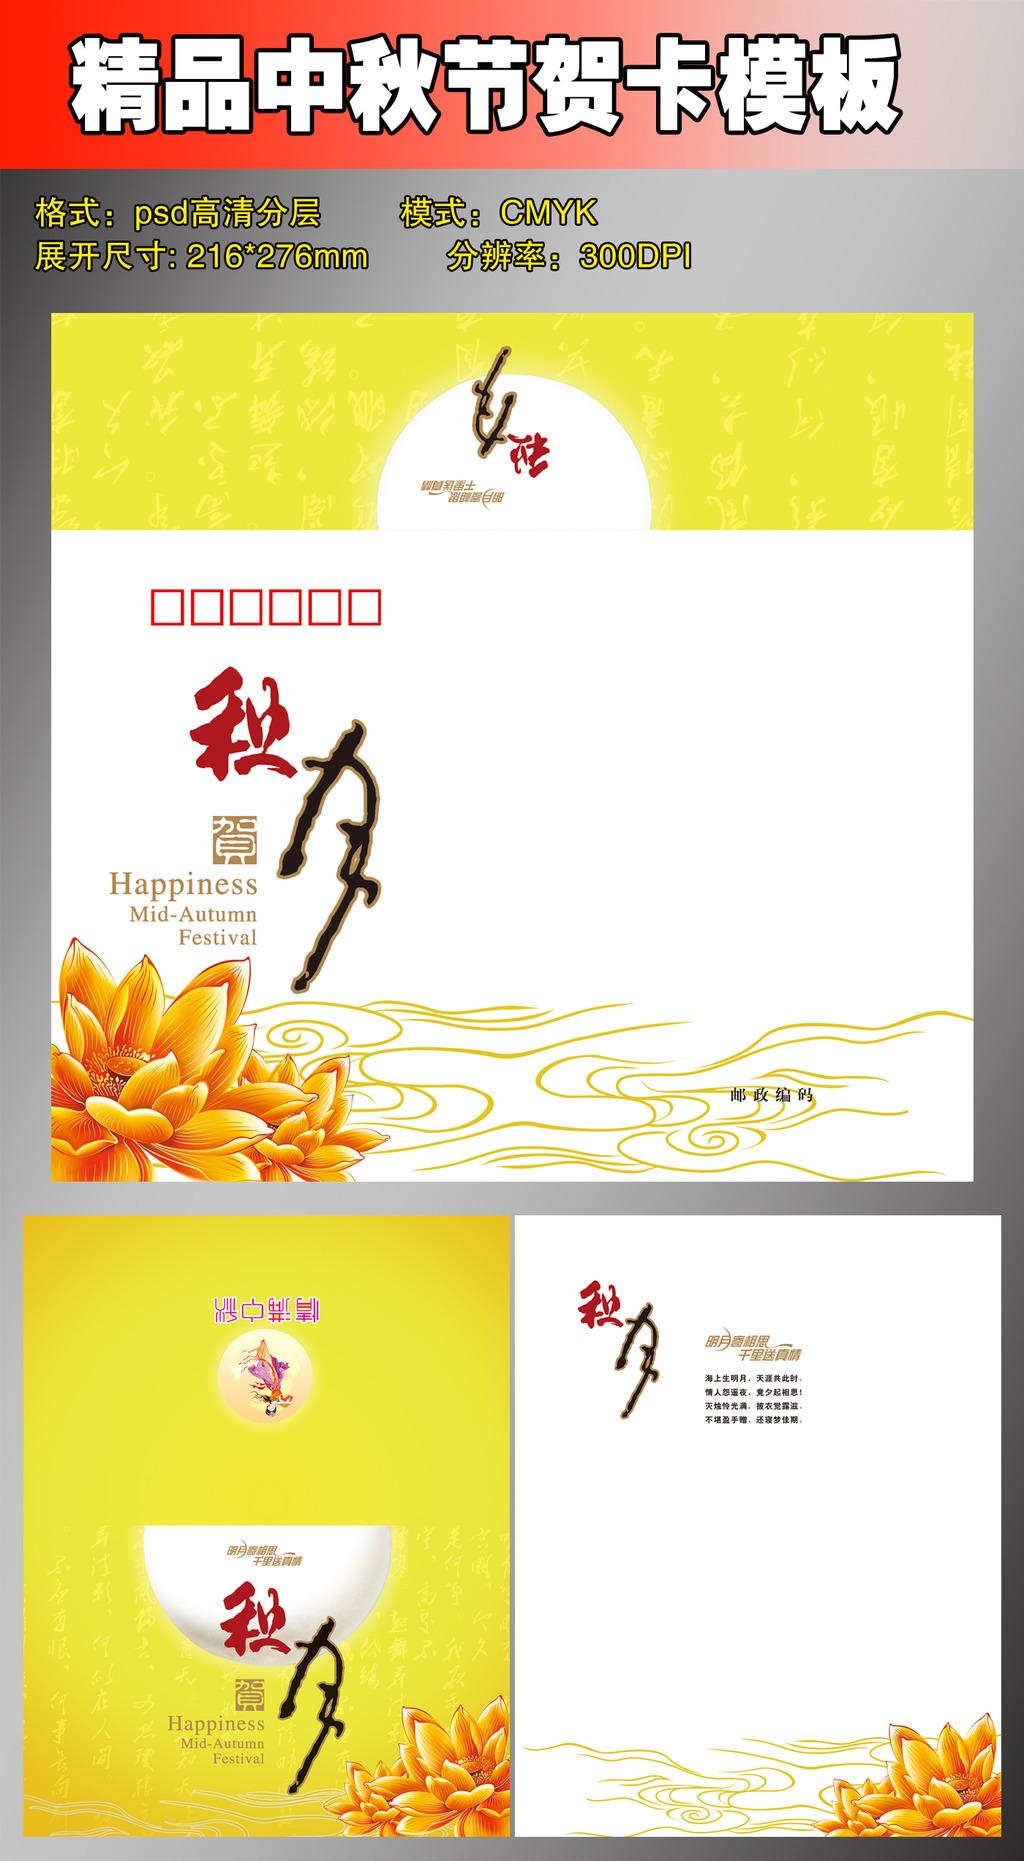 中秋节贺卡封明信片模板